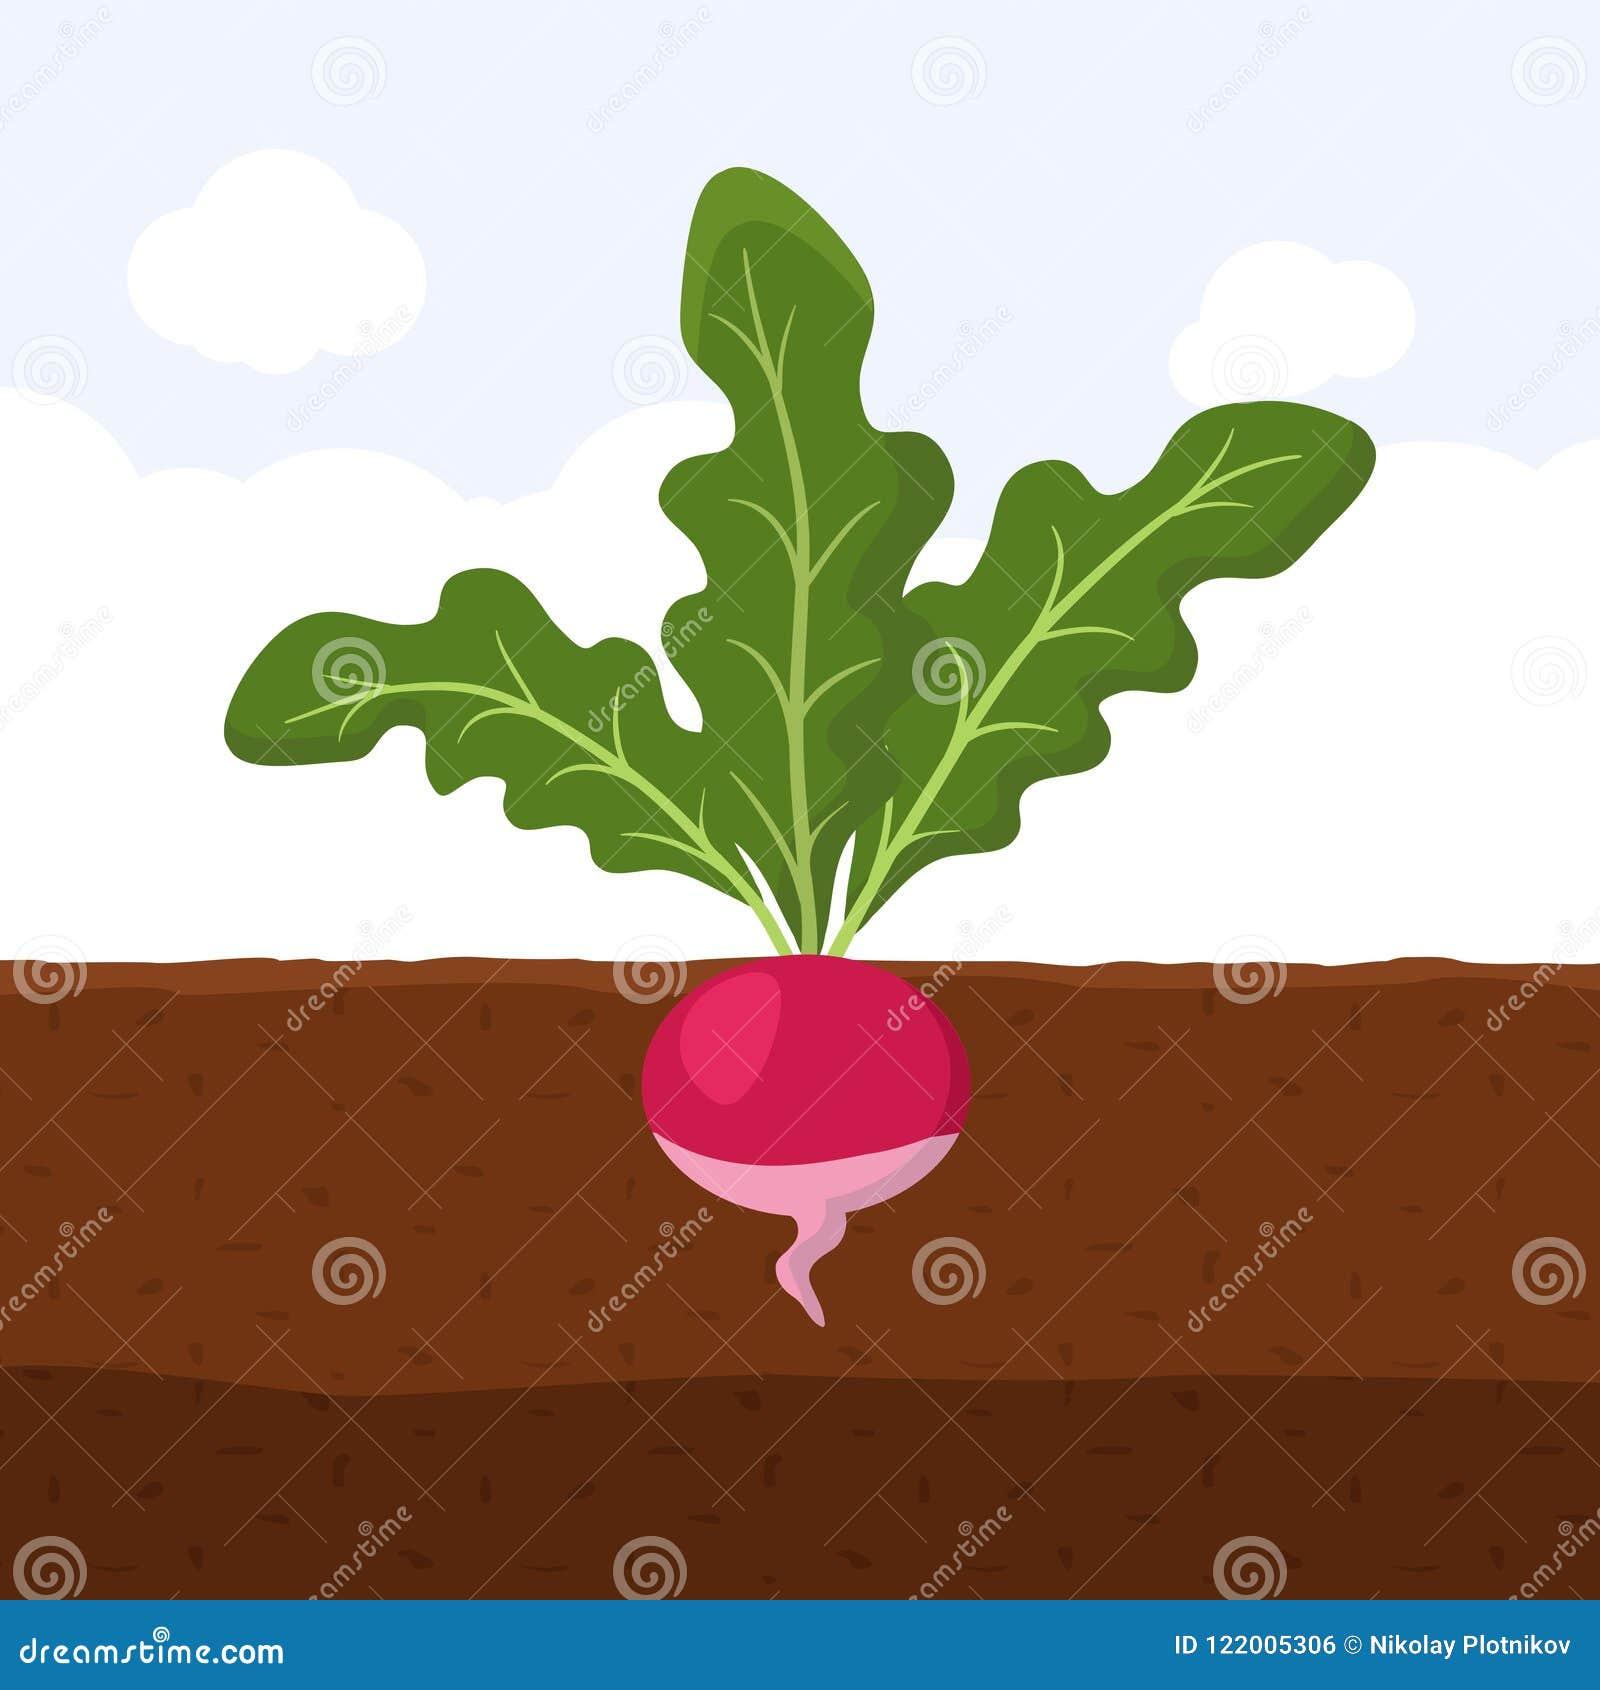 与绿色的萝卜在上面离开在土壤,平展生长新鲜的有机菜园的植物地下图片